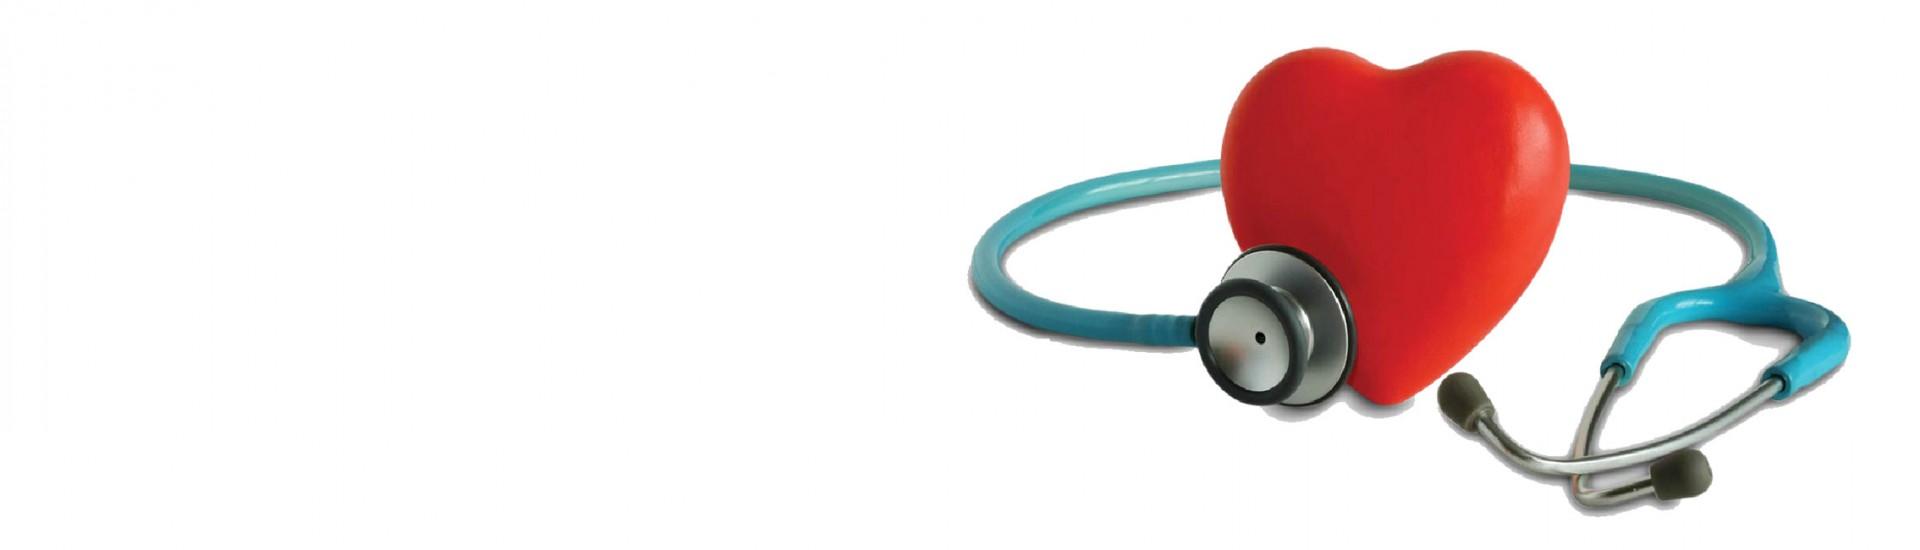 Insurance benefit plans